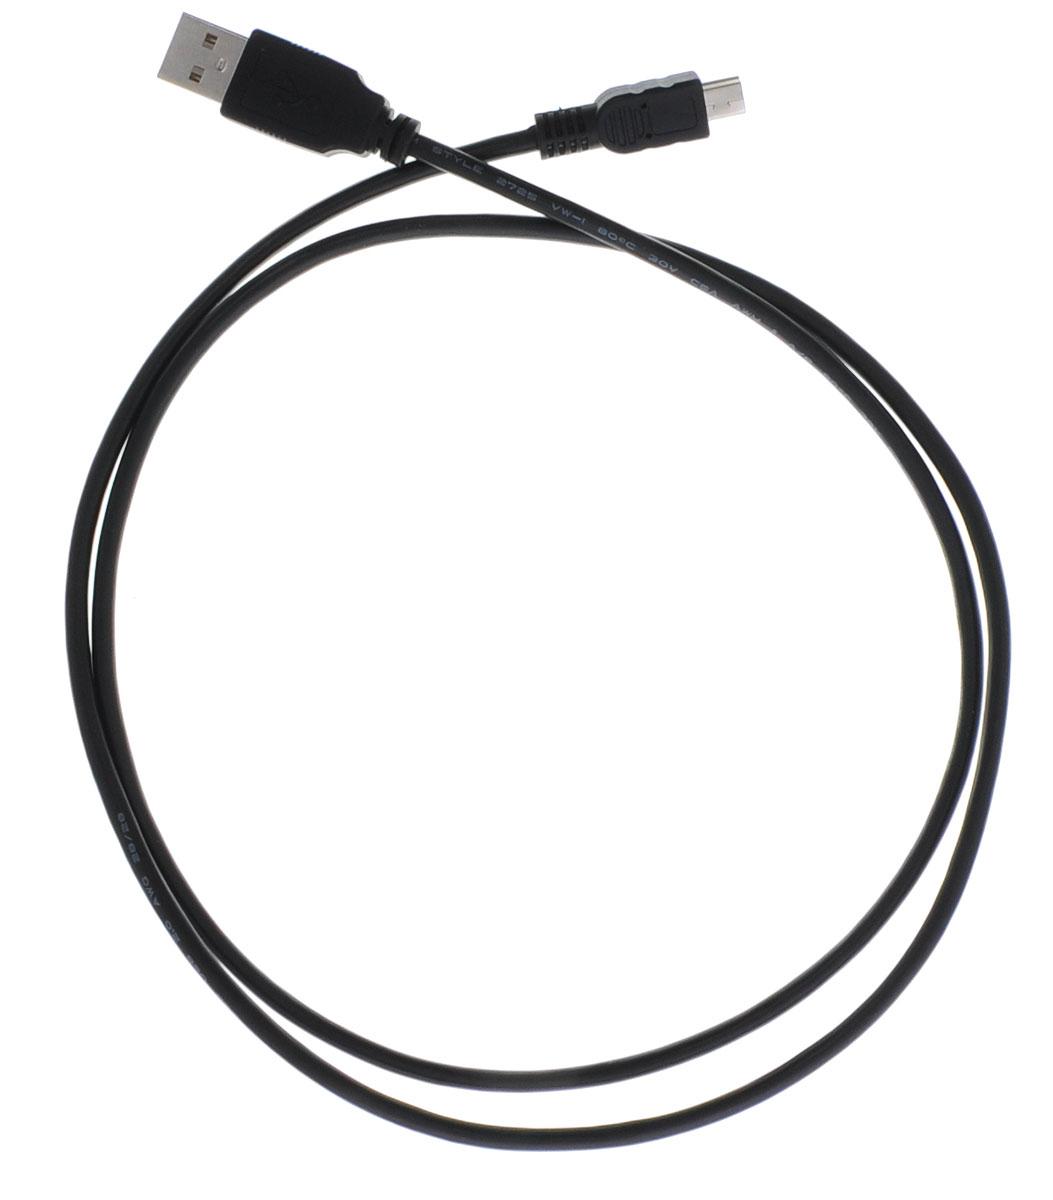 Greenconnect Premium GCR-UM2M5P-BB2S, Black кабель miniUSB-USB 1 м greenconnect premium gcr uec3m bb2s black кабель удлинитель usb 1 м